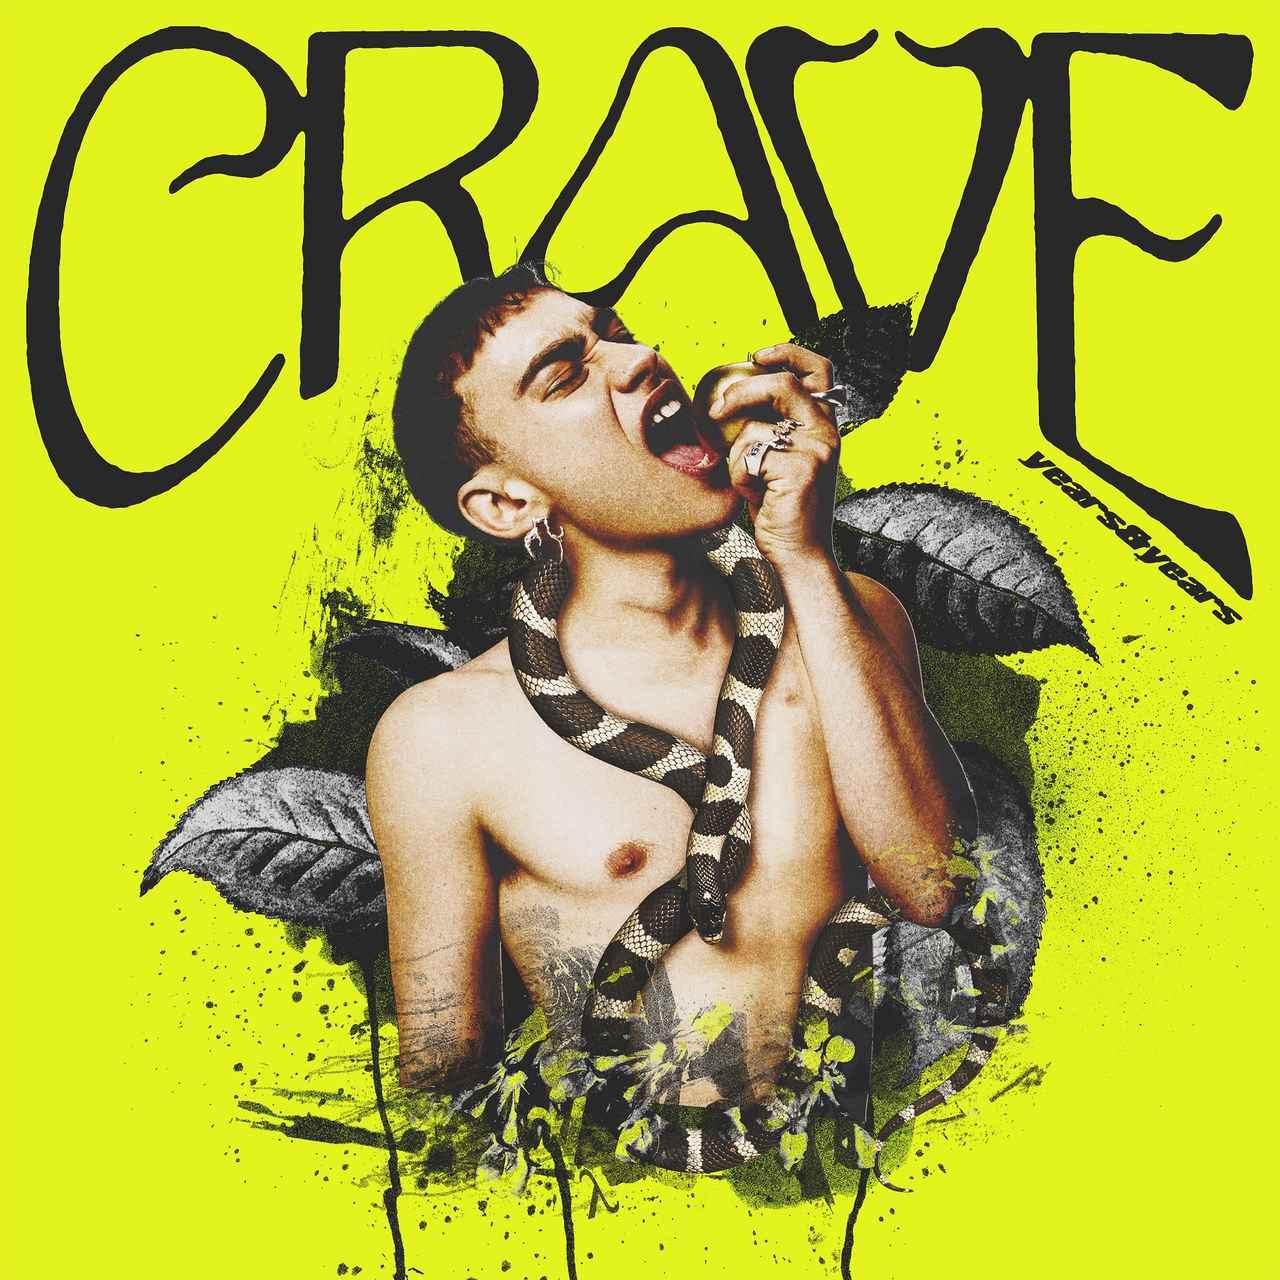 画像: イヤーズ&イヤーズが新曲「Crave」をリリース